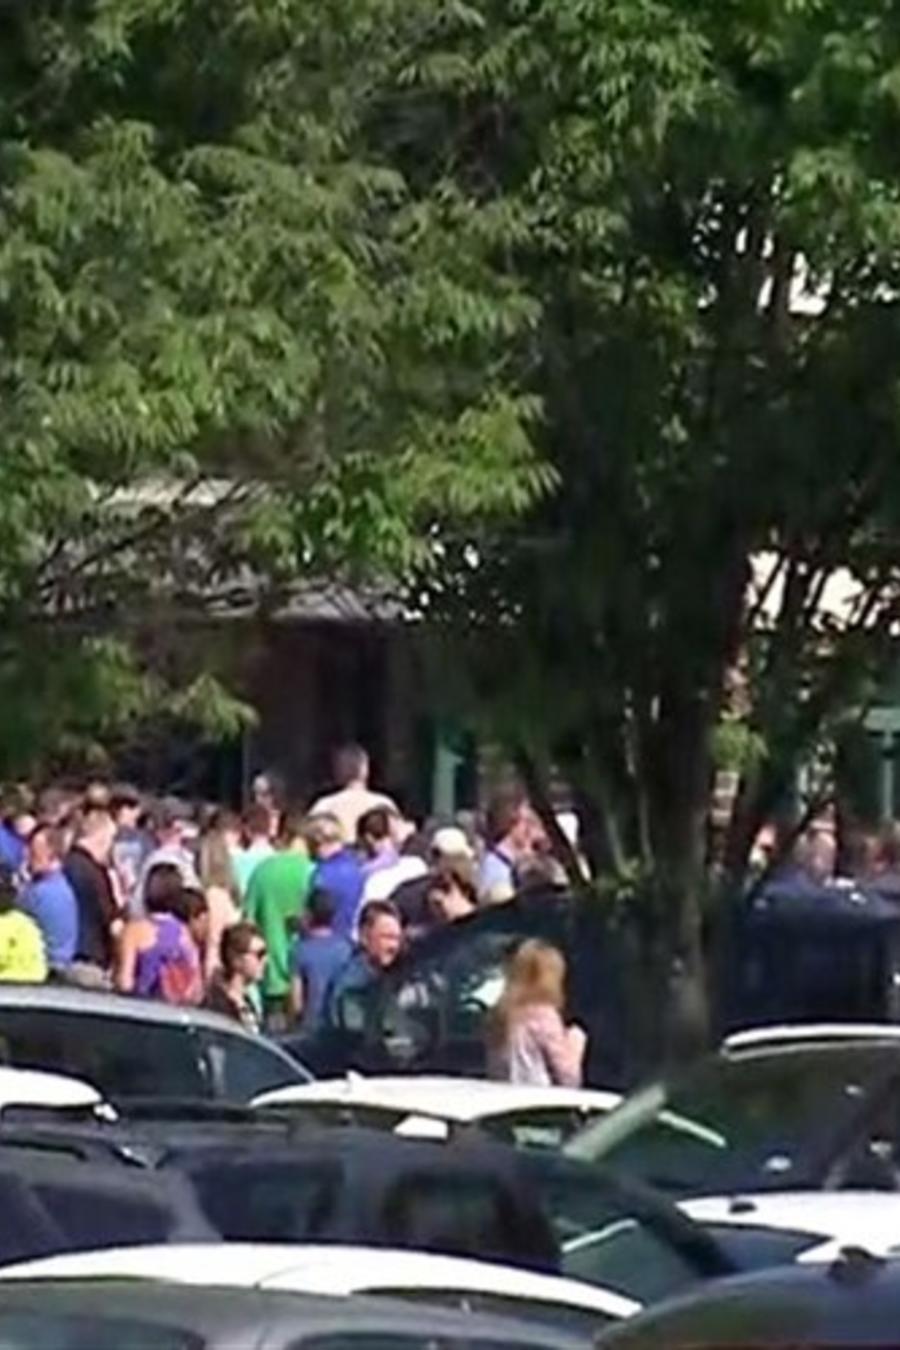 Varias personas llegaron a la Escuela Intermedia Noblesville West tras reportes de que se había desatado un tiroteo en el edificio el viernes 25 de mayo de 2018